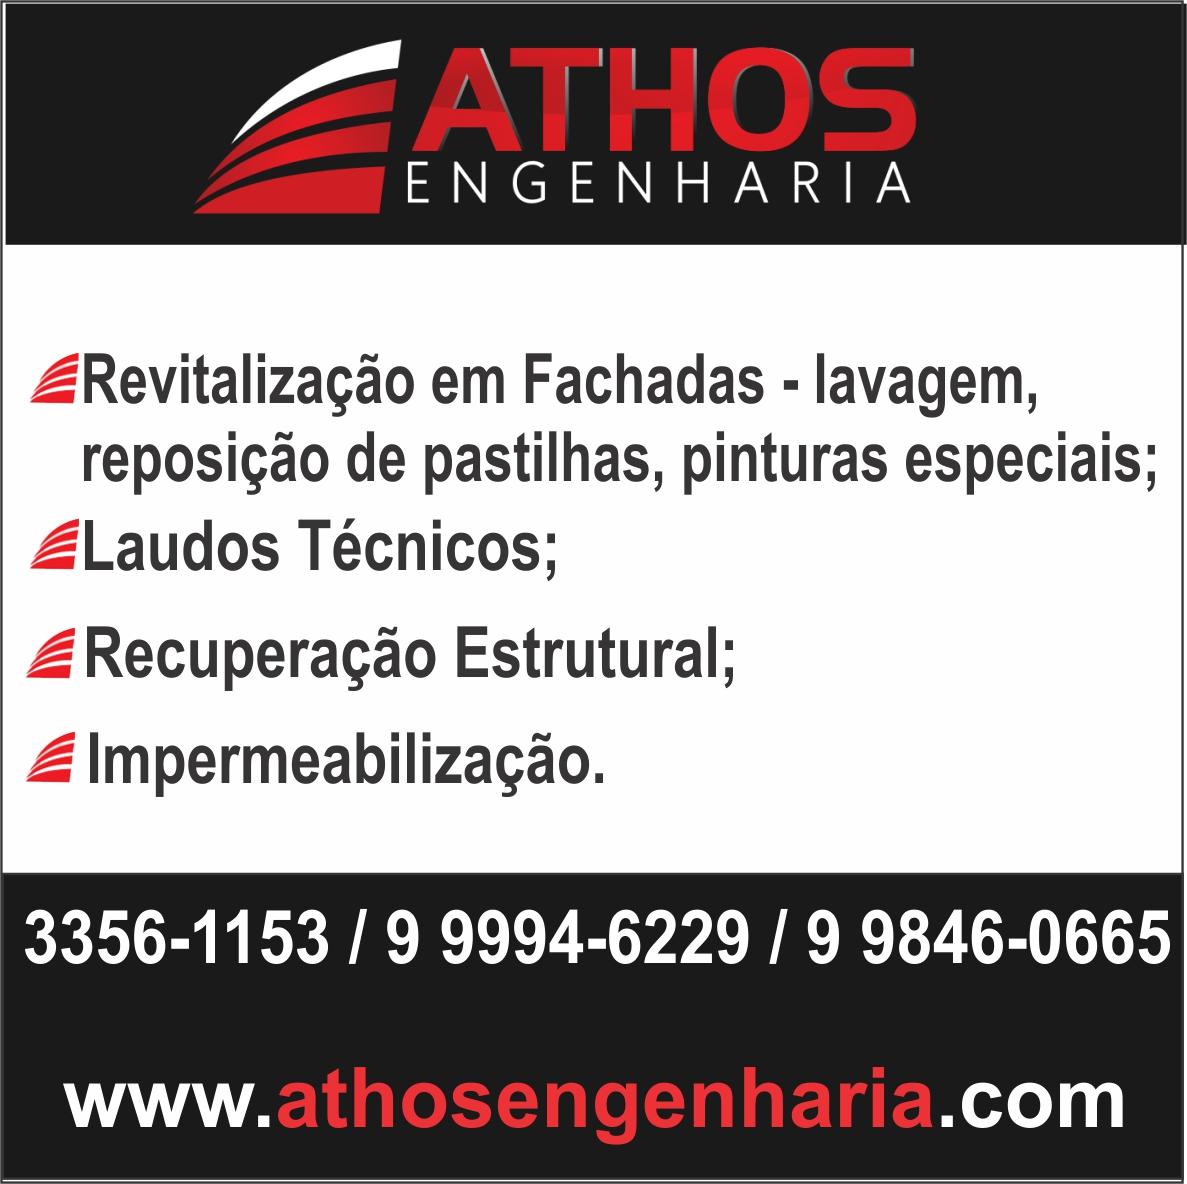 athos engenharia